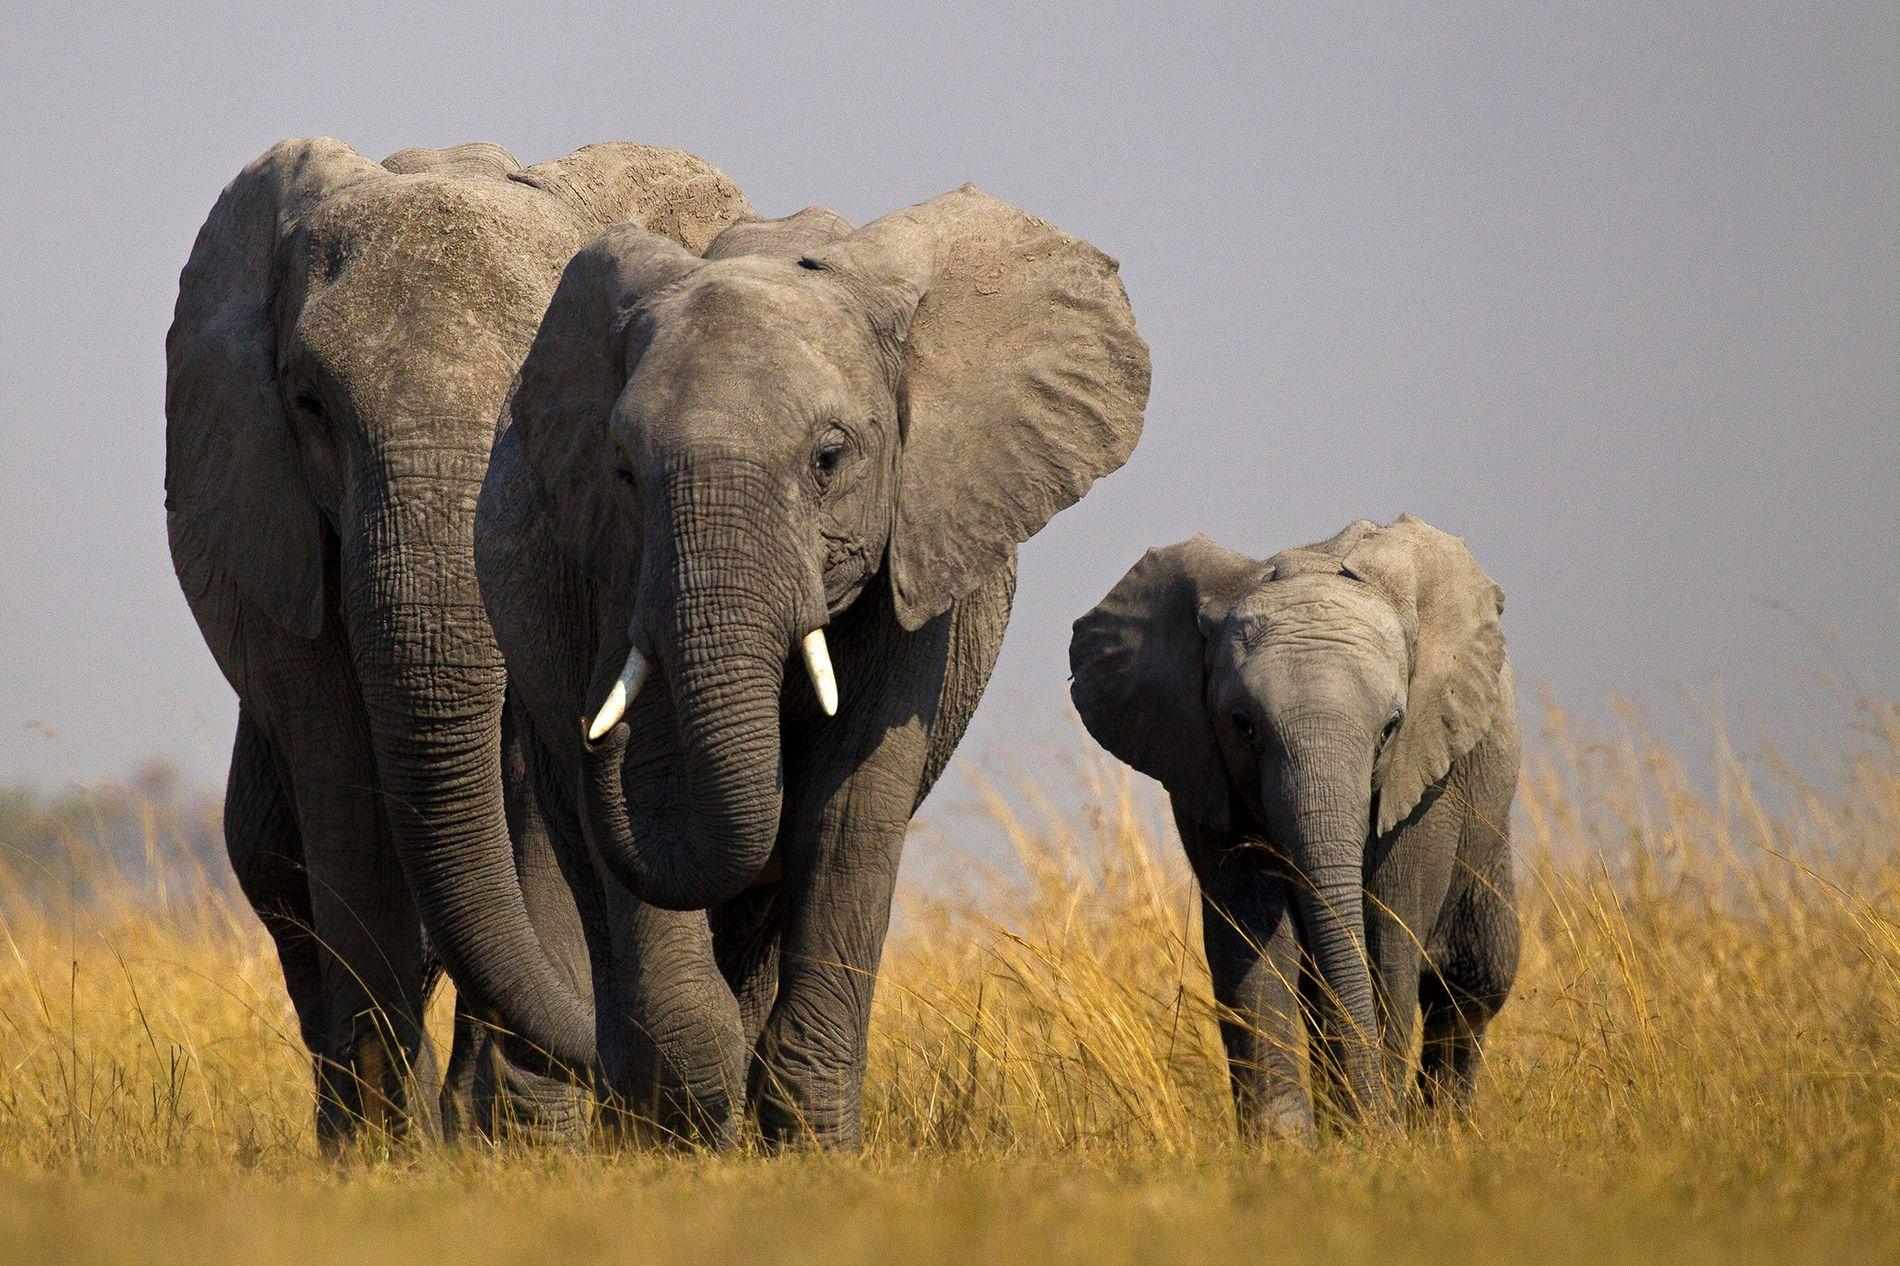 Cette année, il est devenu nettement plus difficile pour les pays africains d'envoyer des éléphants sauvages ...